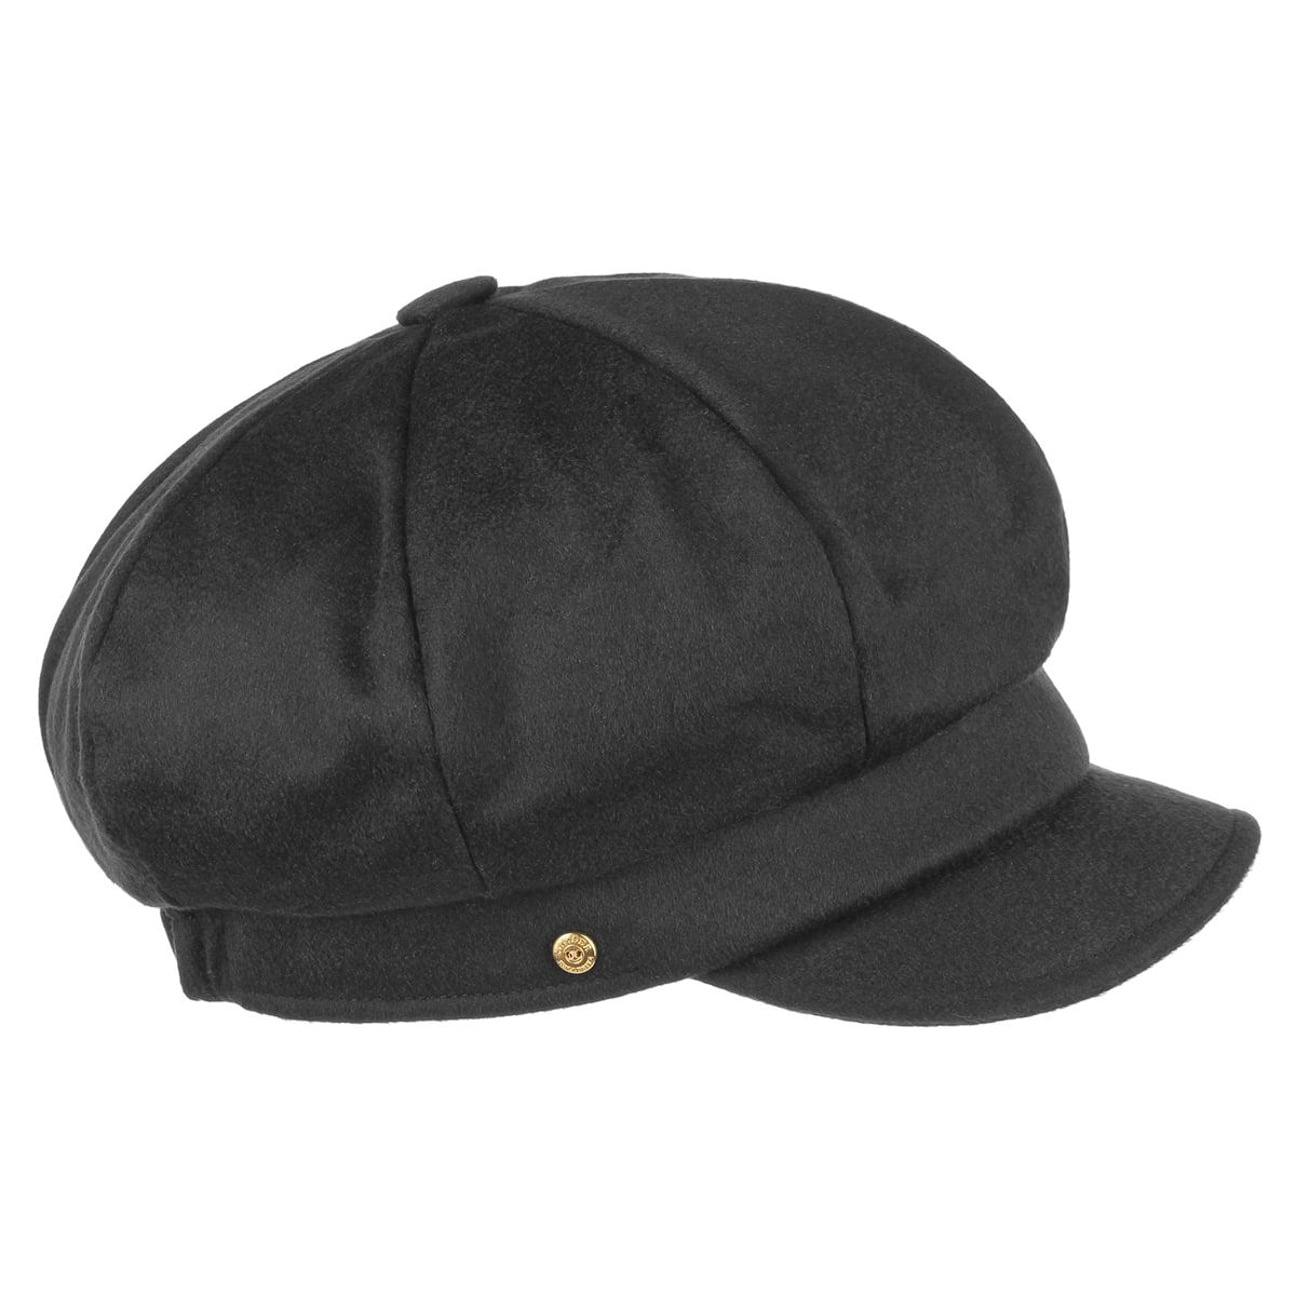 02a8183608b05 ... Cashmere Newsboy Cap by Mayser - black 1